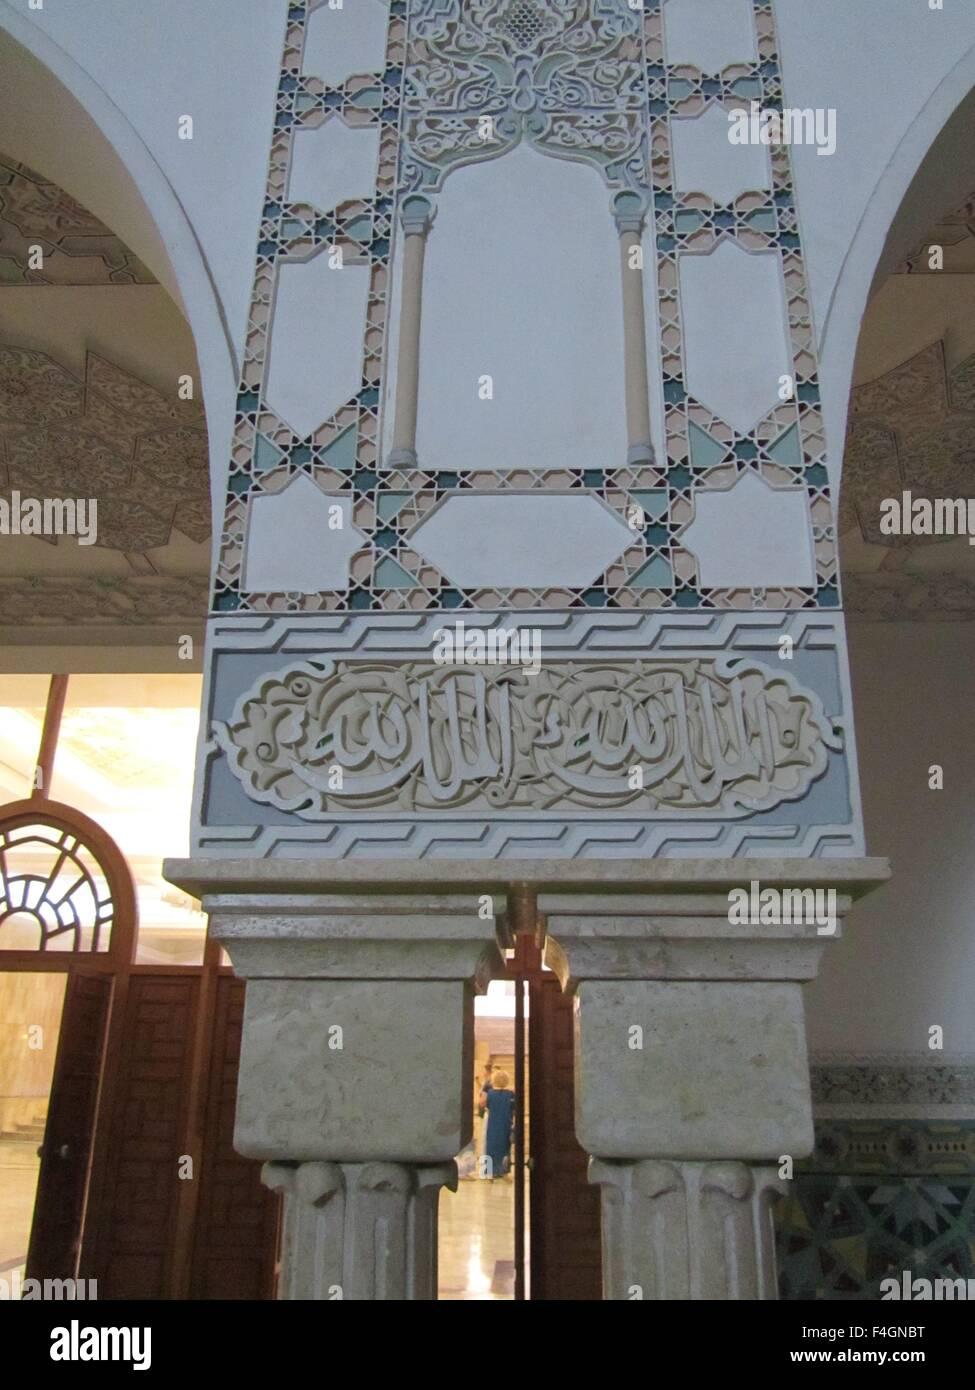 Dettagli dell'architettura Islamica di Hasan II moschea, Casablanca, Marocco Immagini Stock